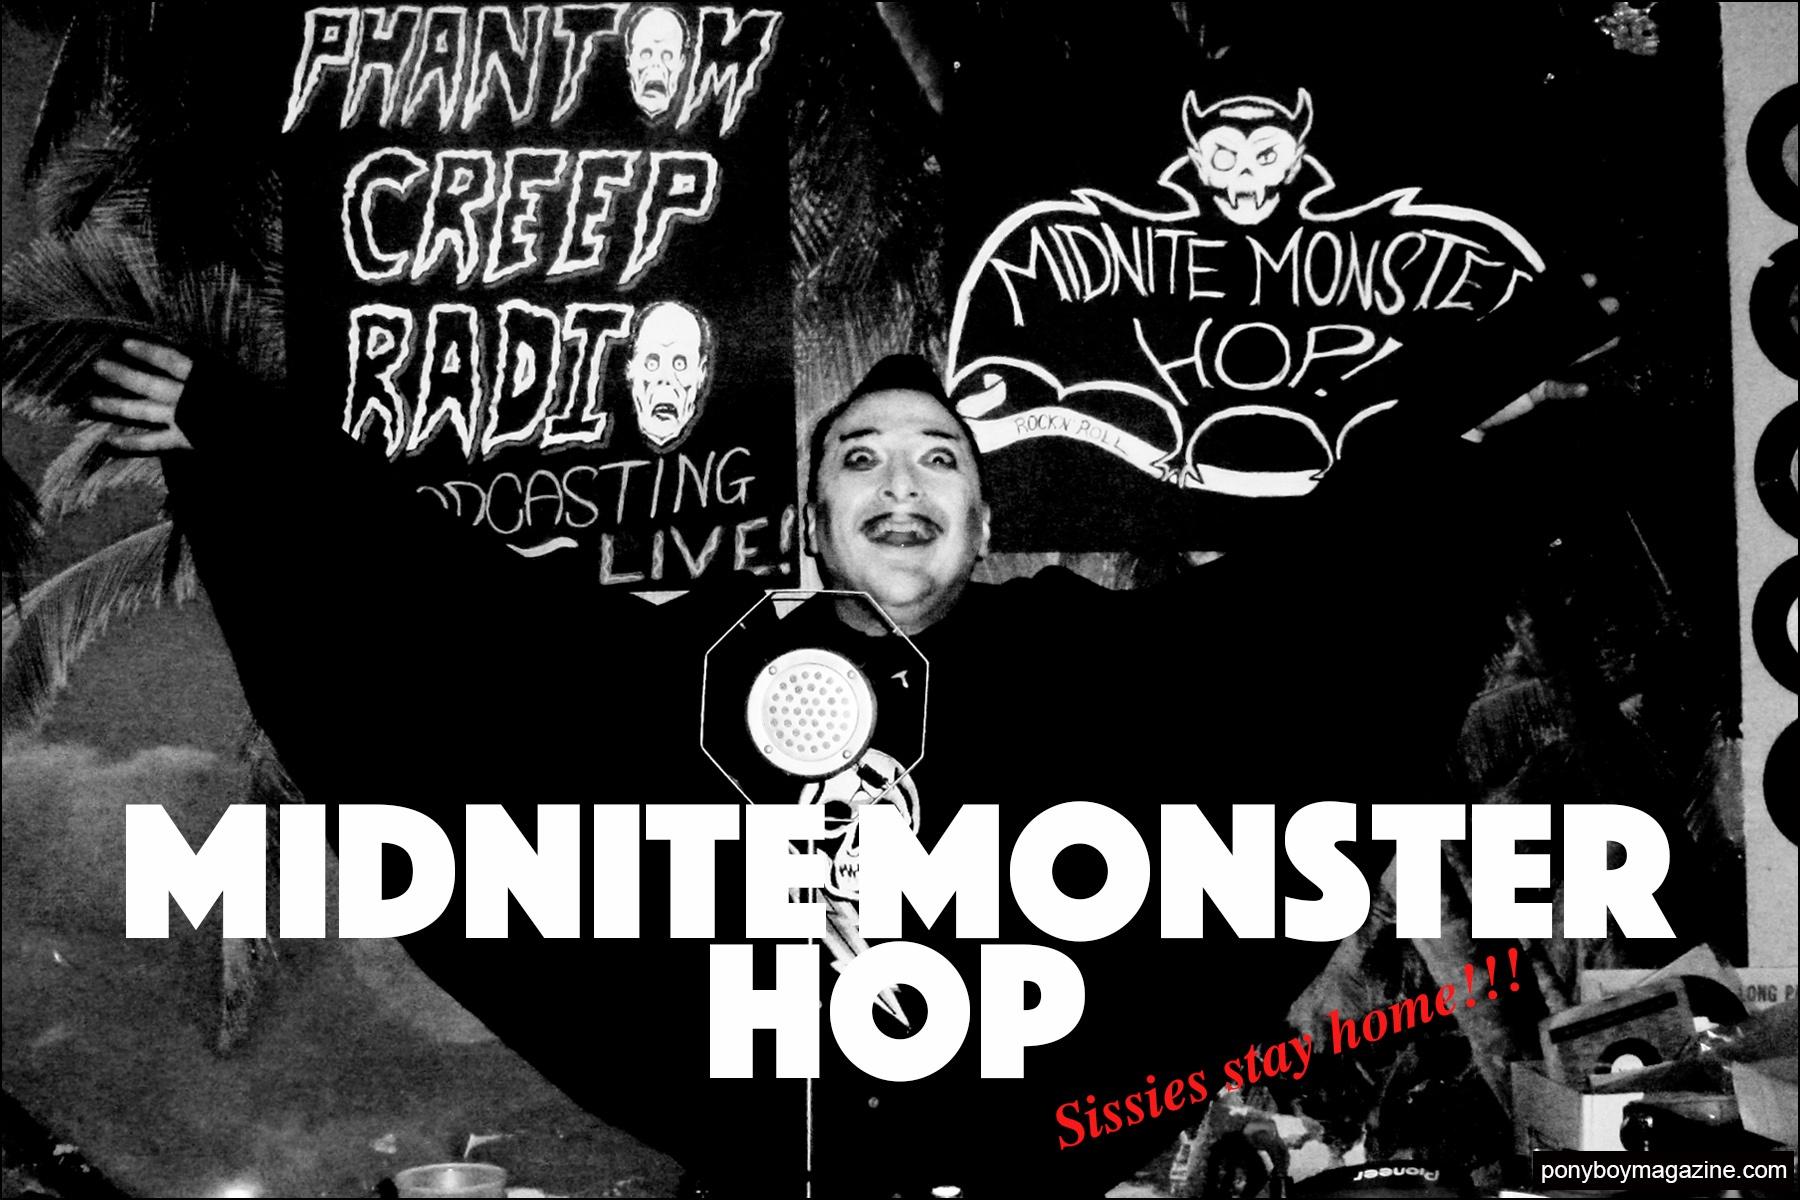 The Midnite Monster Hop party. Ponyboy magazine NY.